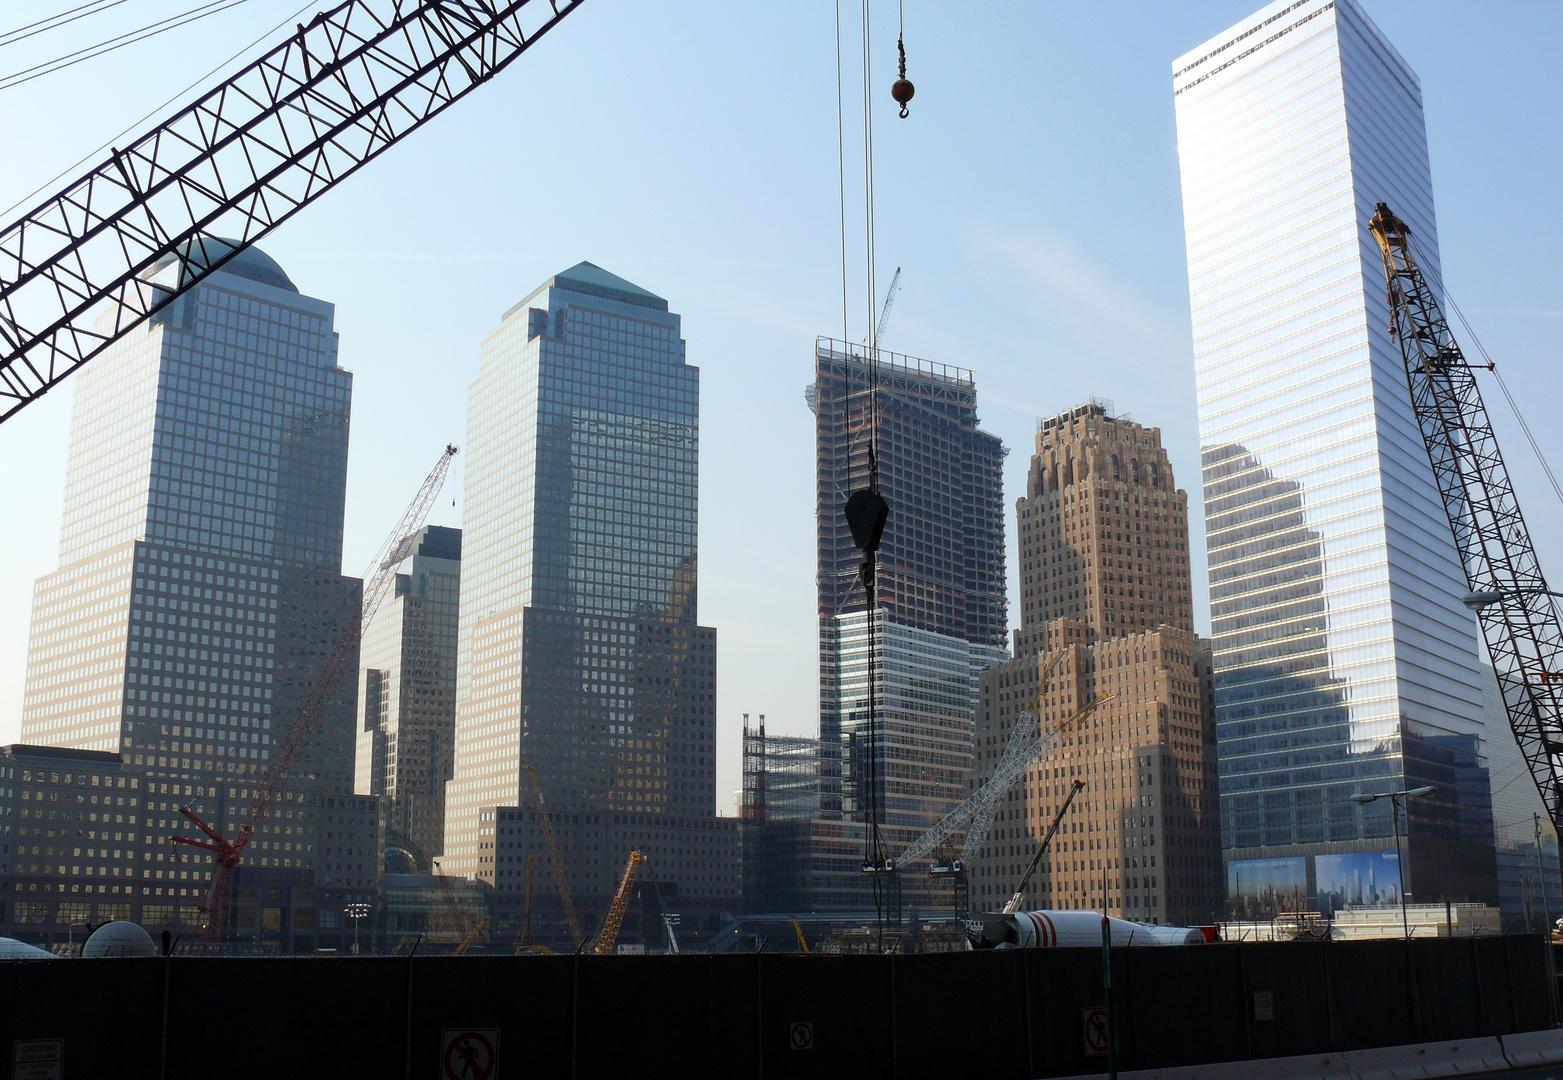 - Ground Zero -